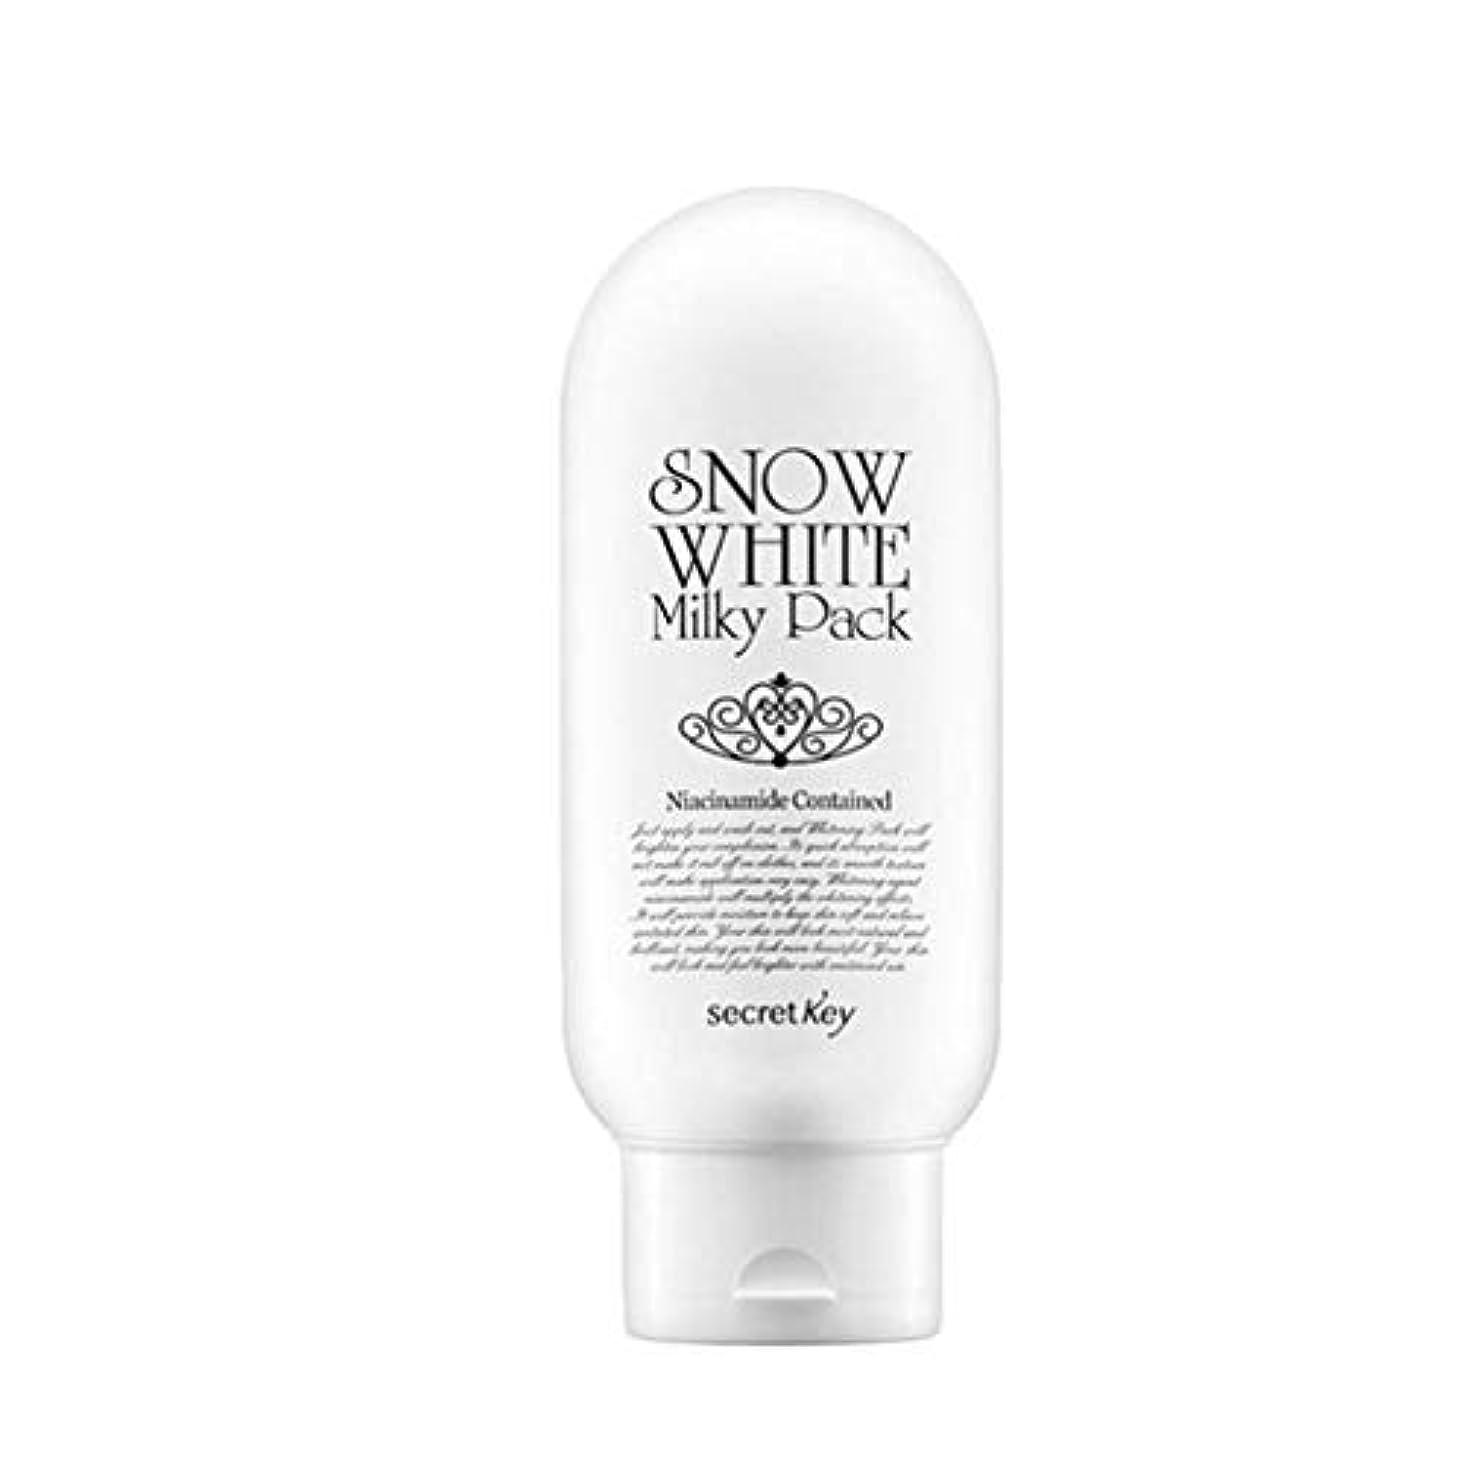 リットル襲撃草シークレットキースノーホワイトミルキーパック200g韓国コスメ、Secret Key Snow White Milky Pack 200g Korean Cosmetics [並行輸入品]